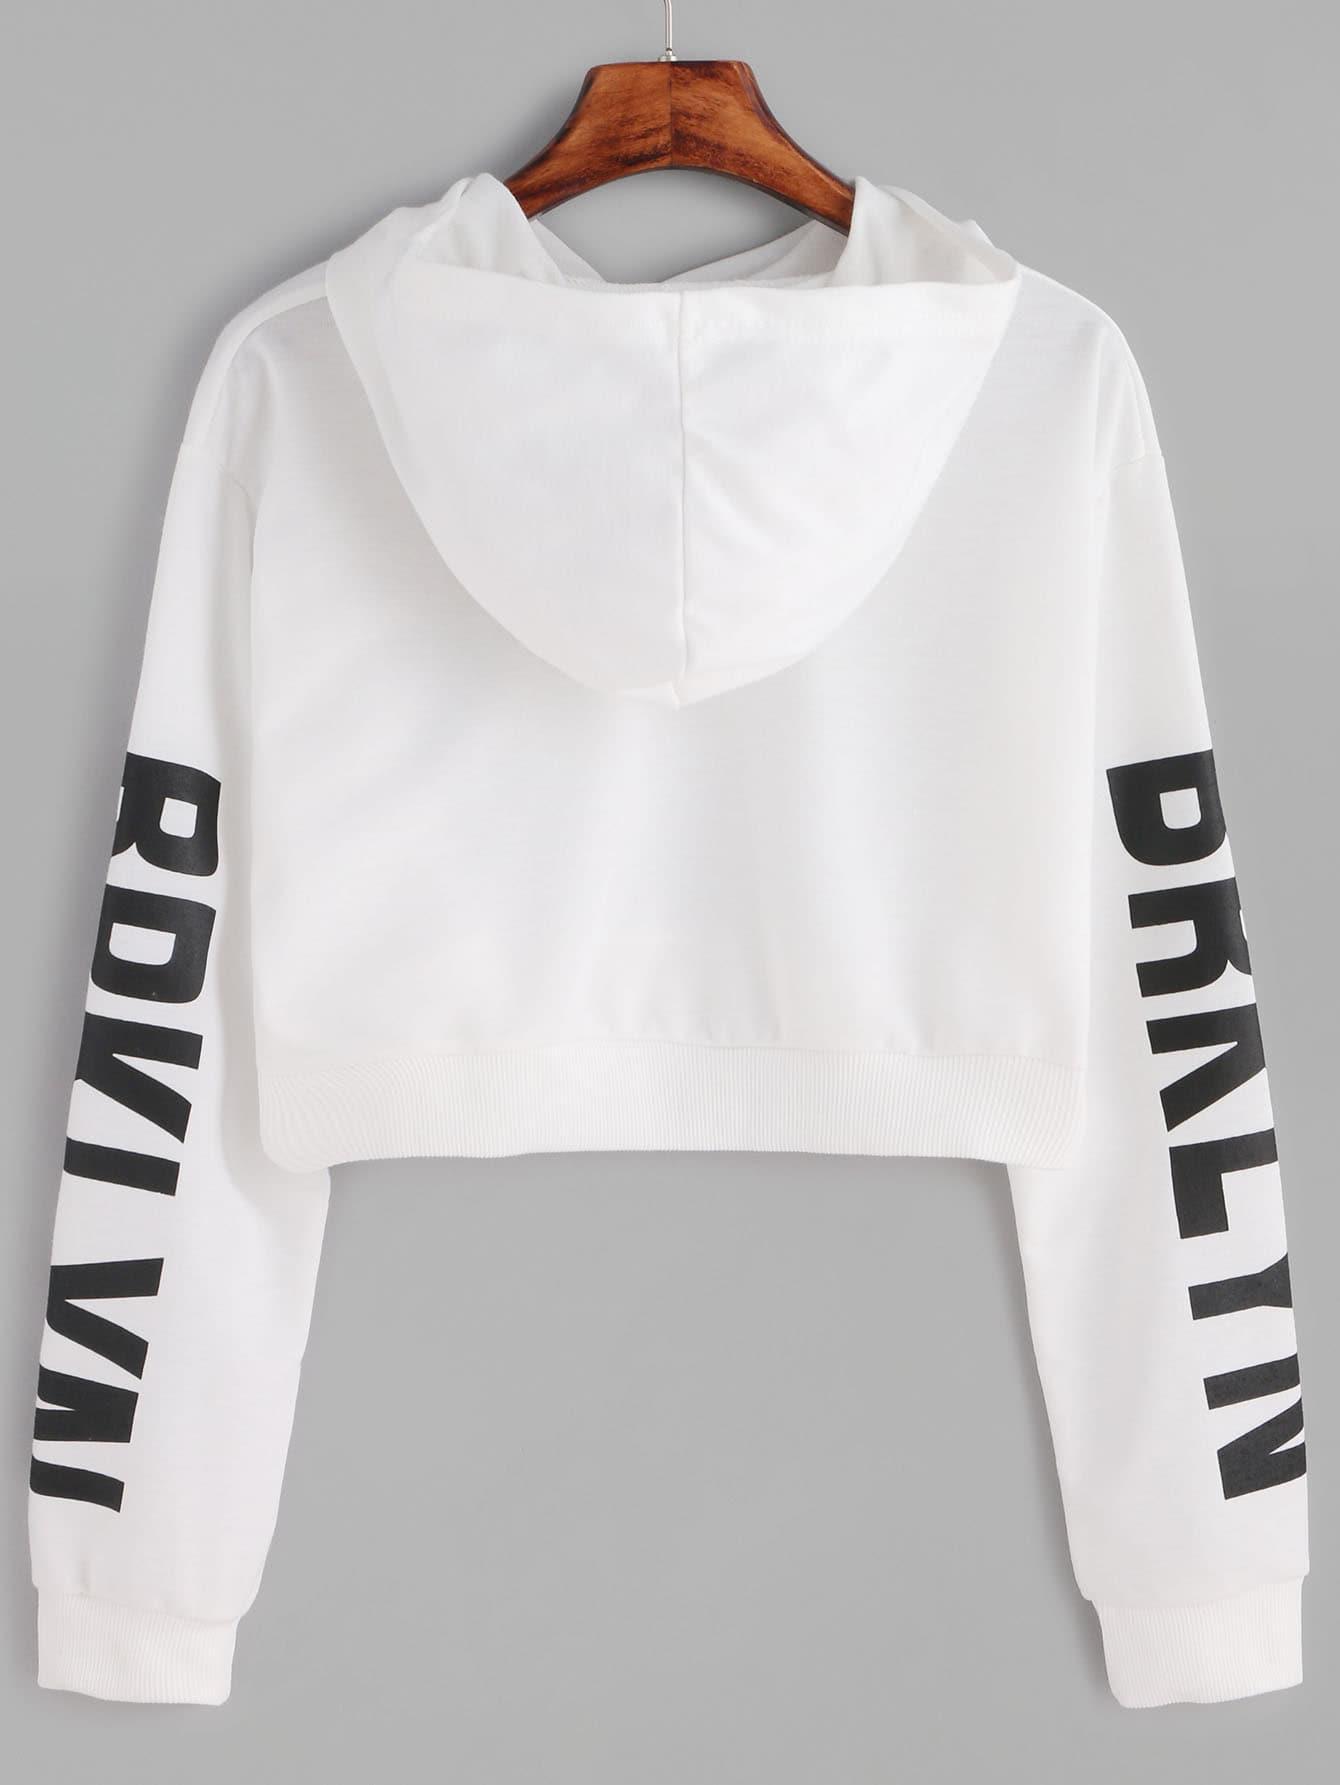 sweatshirt161014001_2